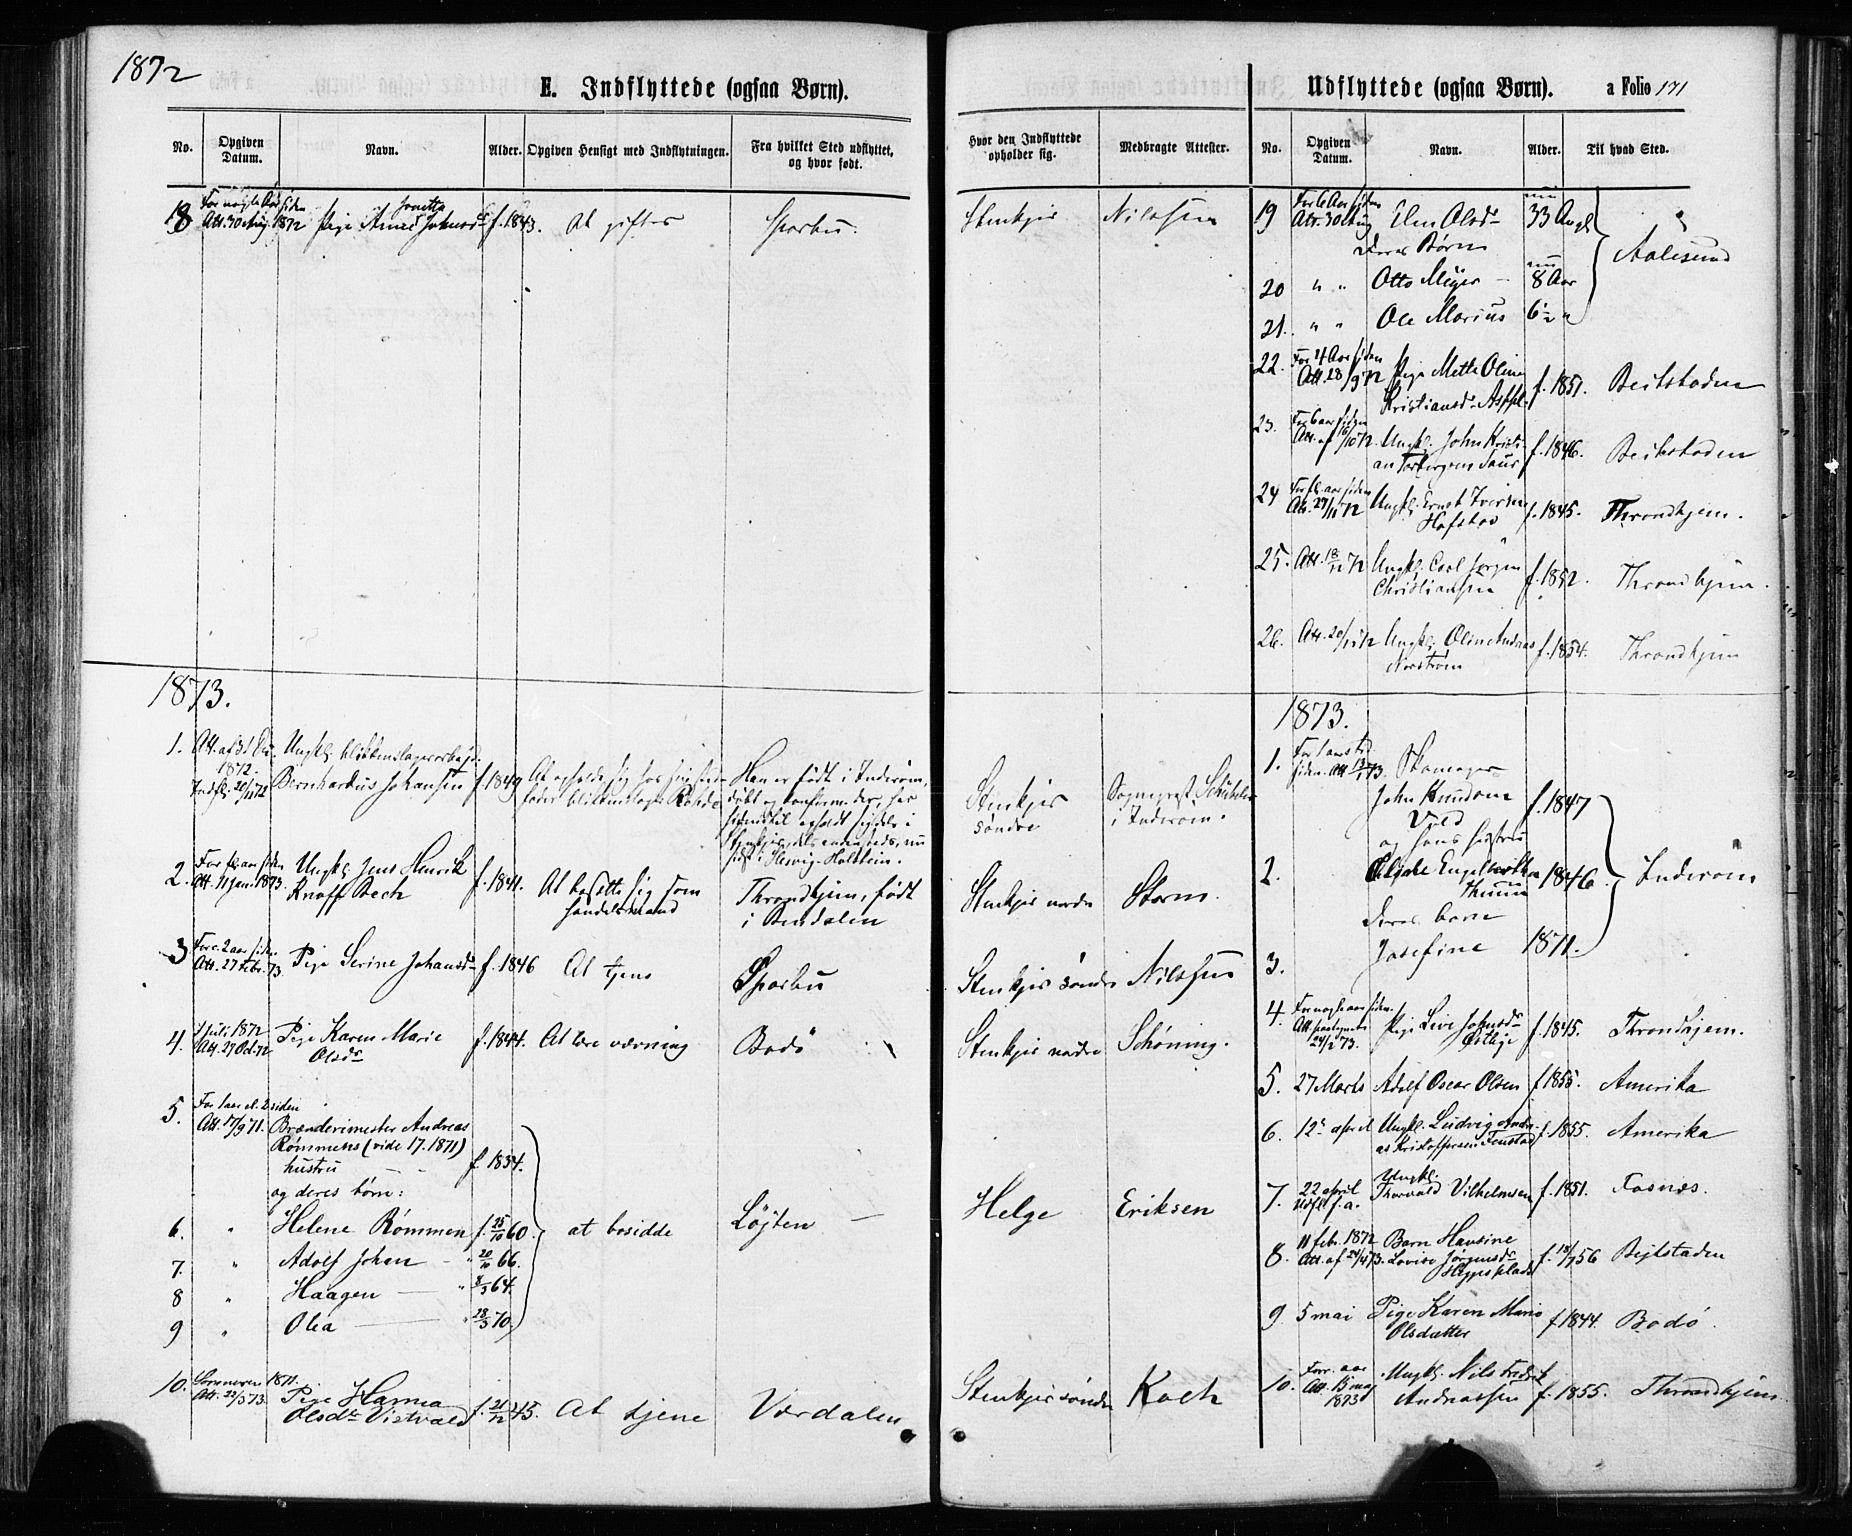 SAT, Ministerialprotokoller, klokkerbøker og fødselsregistre - Nord-Trøndelag, 739/L0370: Ministerialbok nr. 739A02, 1868-1881, s. 171